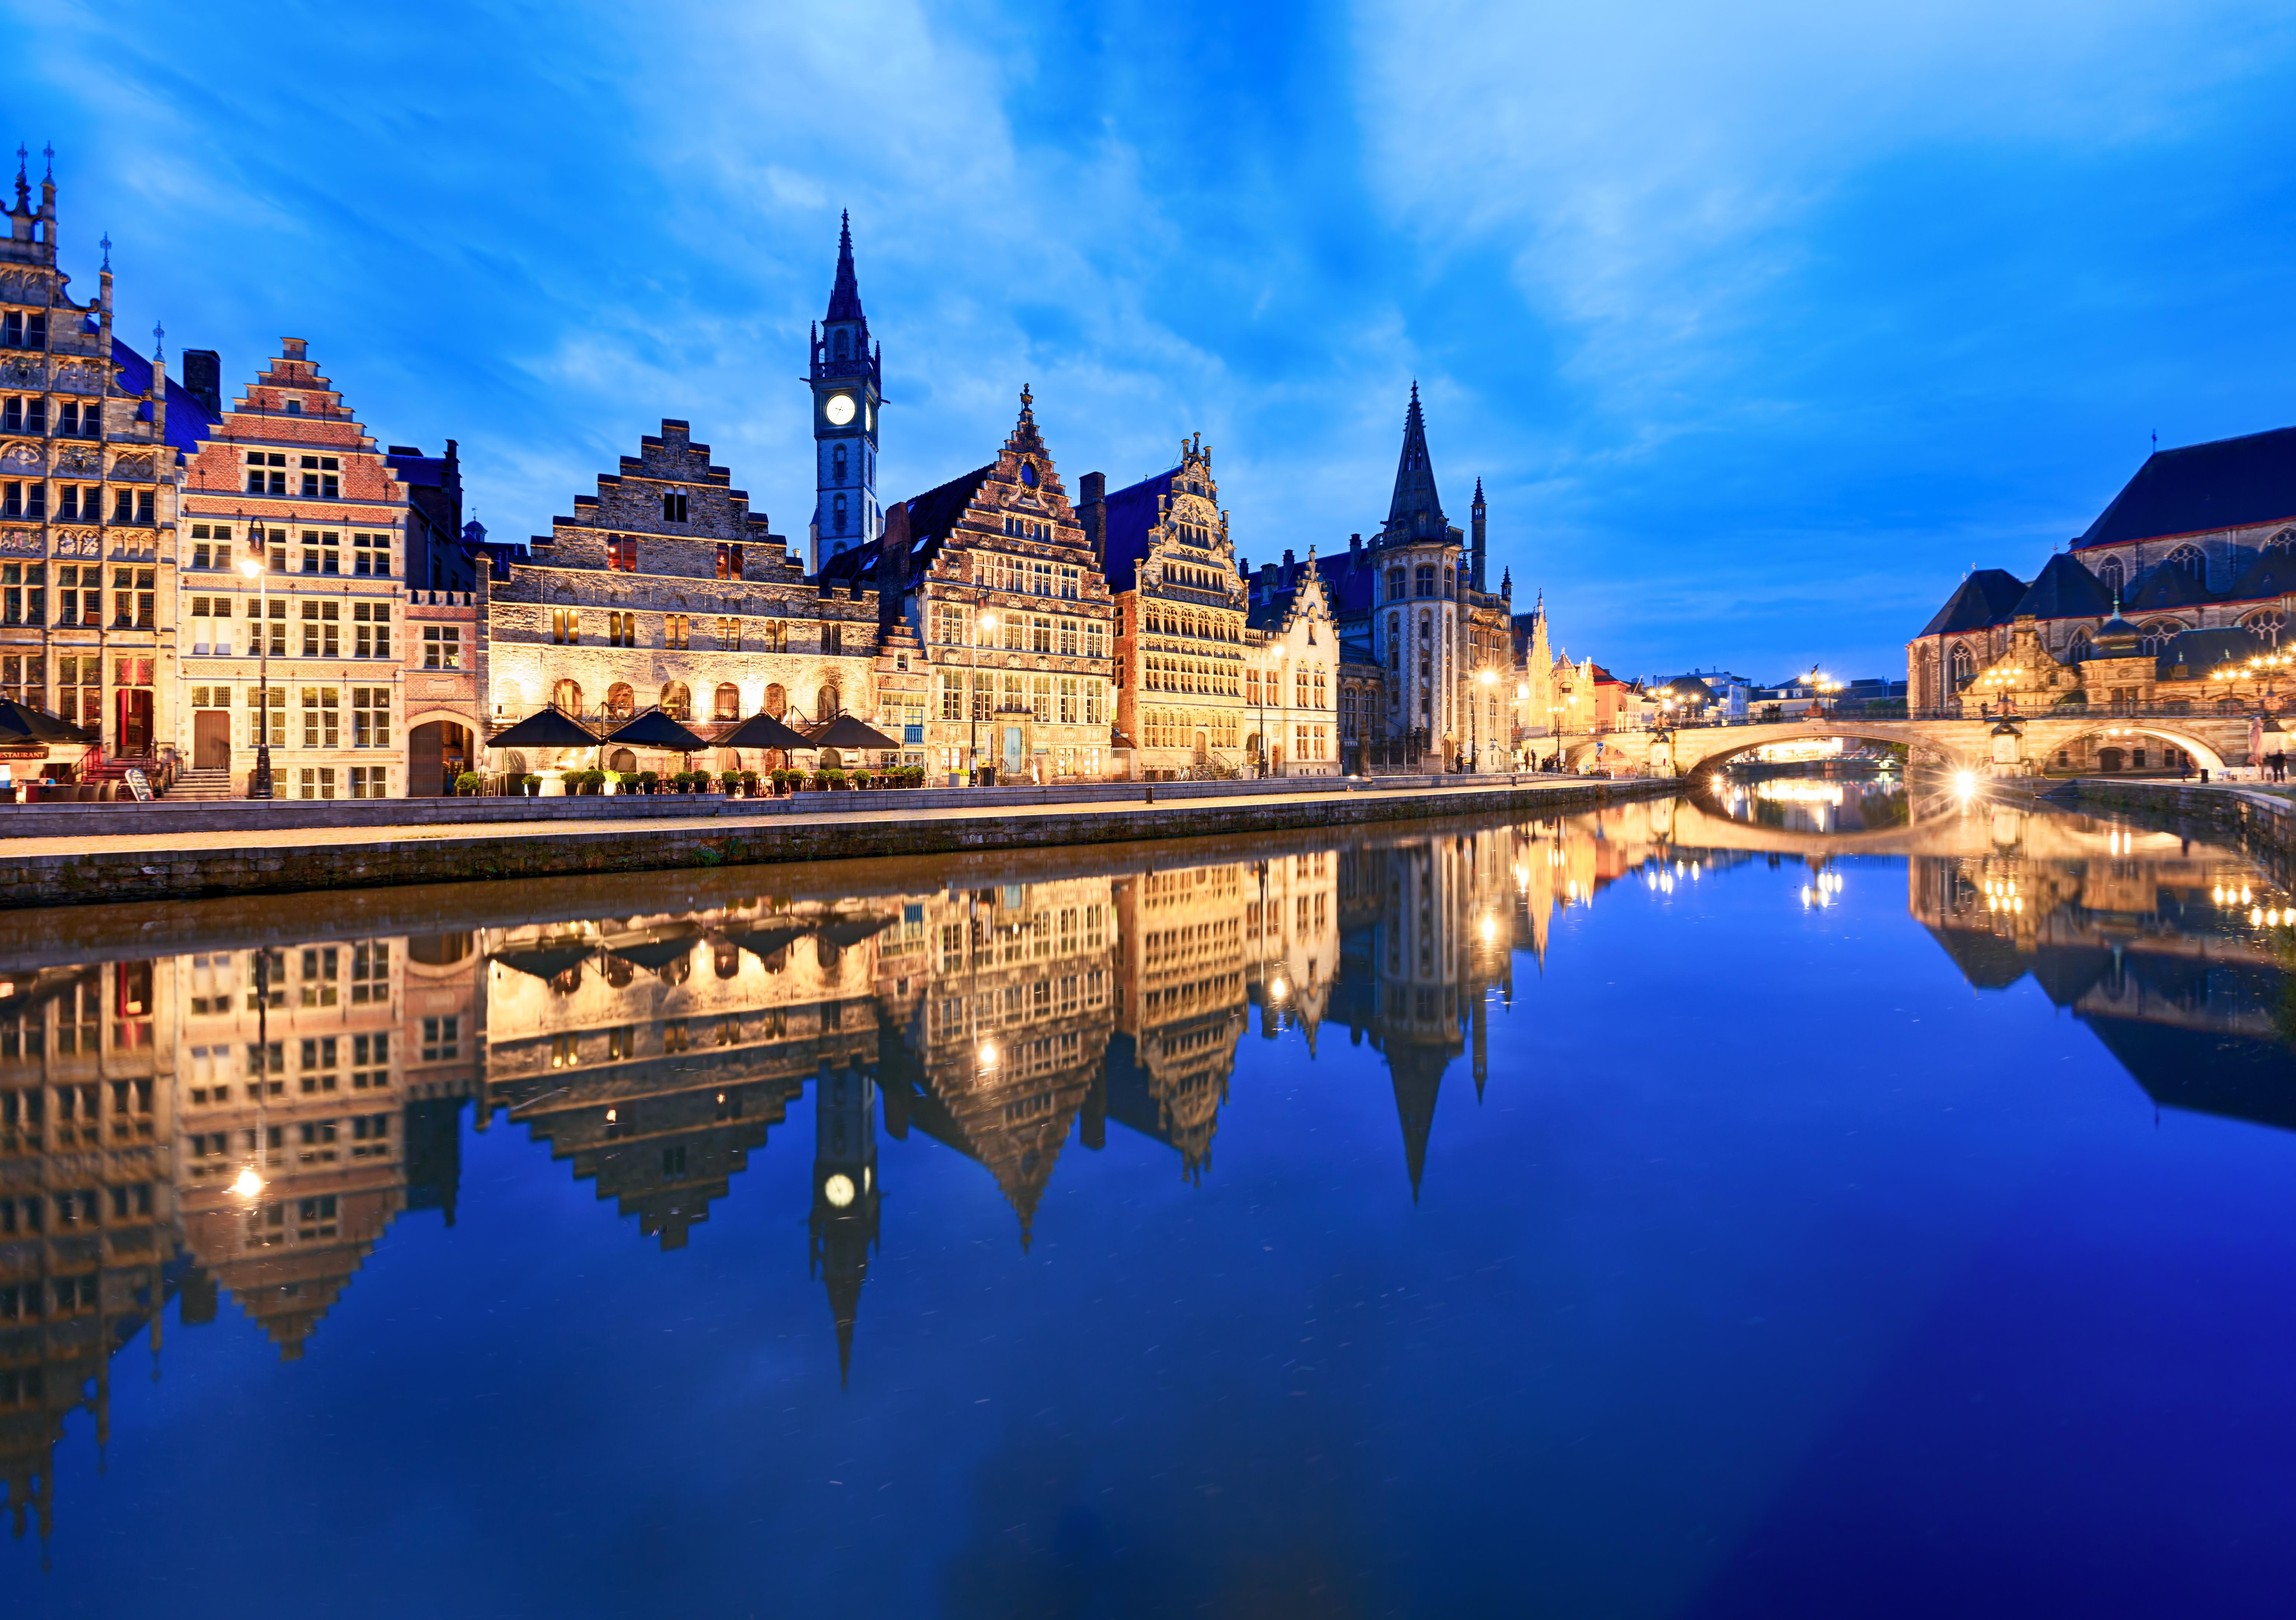 Un paseo por el Graslei y el Korenlei para evocar el pasado comercial de la ciudad medieval de Gante - Holanda Circuito Países Bajos y el Rhin